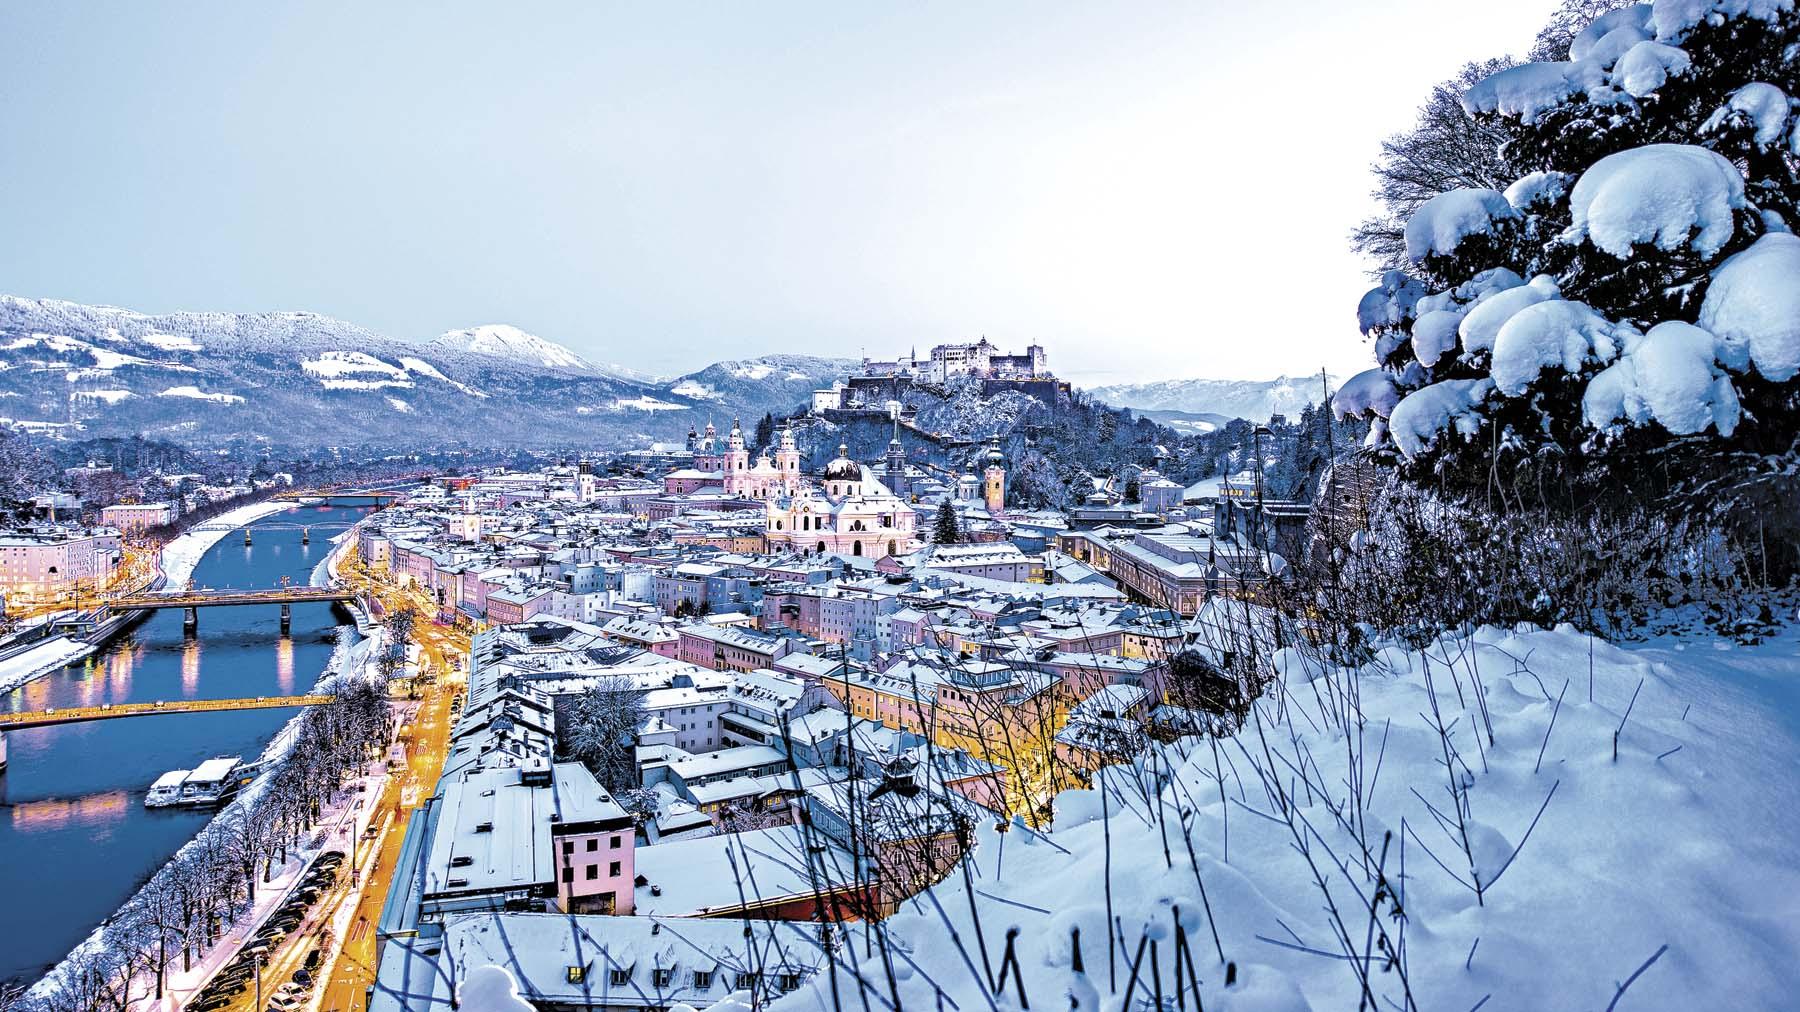 Salzburgo, la magia de la Navidad